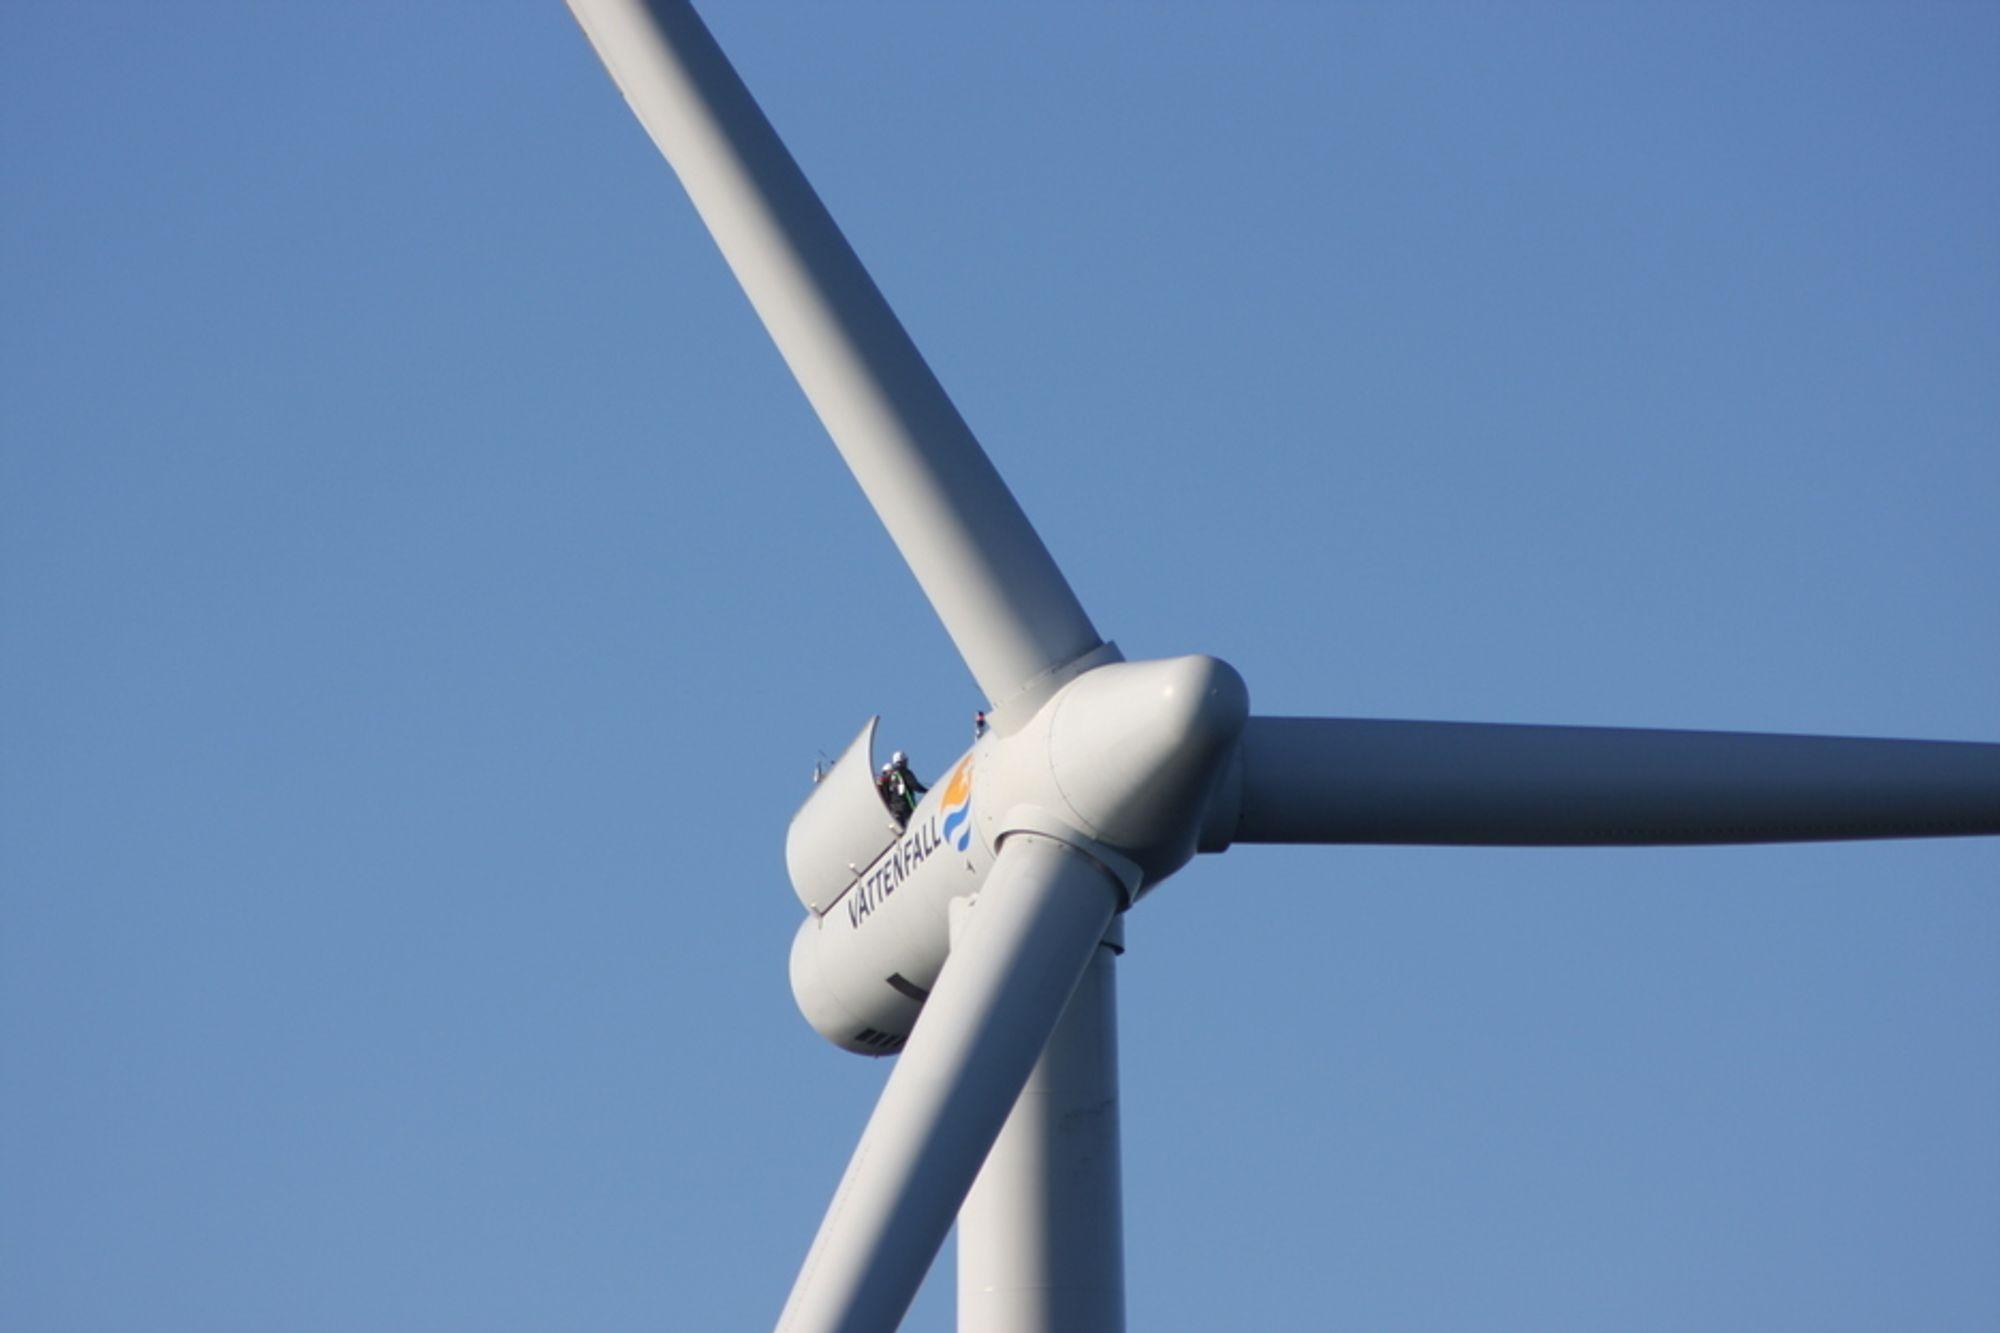 DROPPER PROSJEKT: Svenska Kraftnät dropper sin del av infrastrukturen på Kriegers Flak, som skulle knytte Sverige, Danmark og Tyskland sammen i et felles elnett til havs, kombinert med vindkraft. Vattenfall skulle bygge havvind i den svenske delen, men Svenska Kraftnät stoler ikke på at det blir svenske turbiner i området.